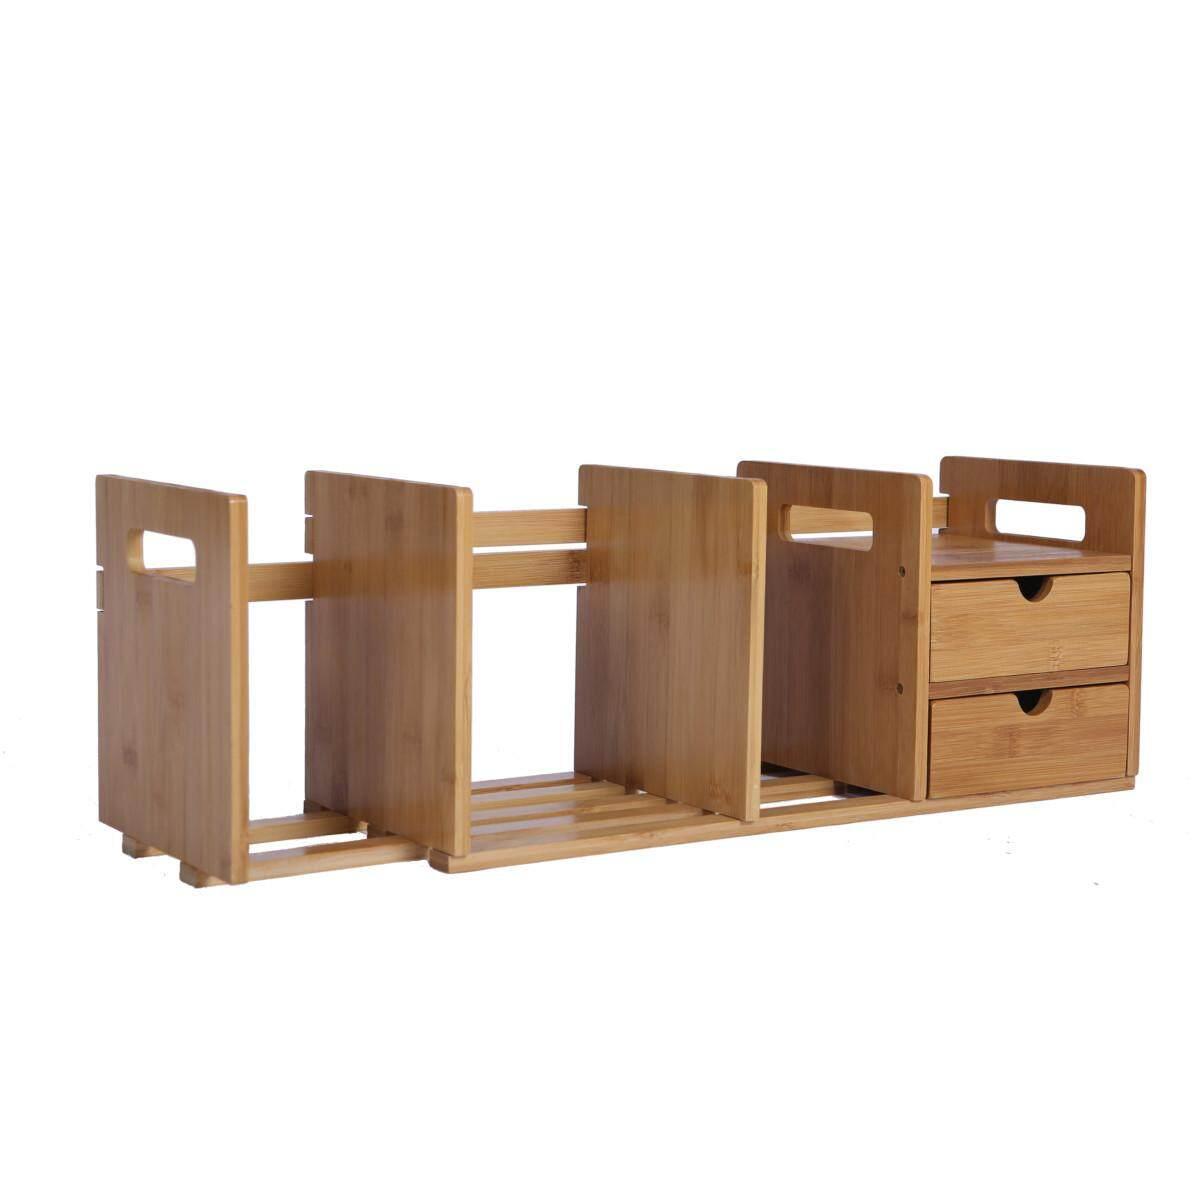 Ollieroo Rak Penyusun Meja Bambu dengan Dapat Diperpanjang Penyimpanan Laci untuk Kantor dan Rumah